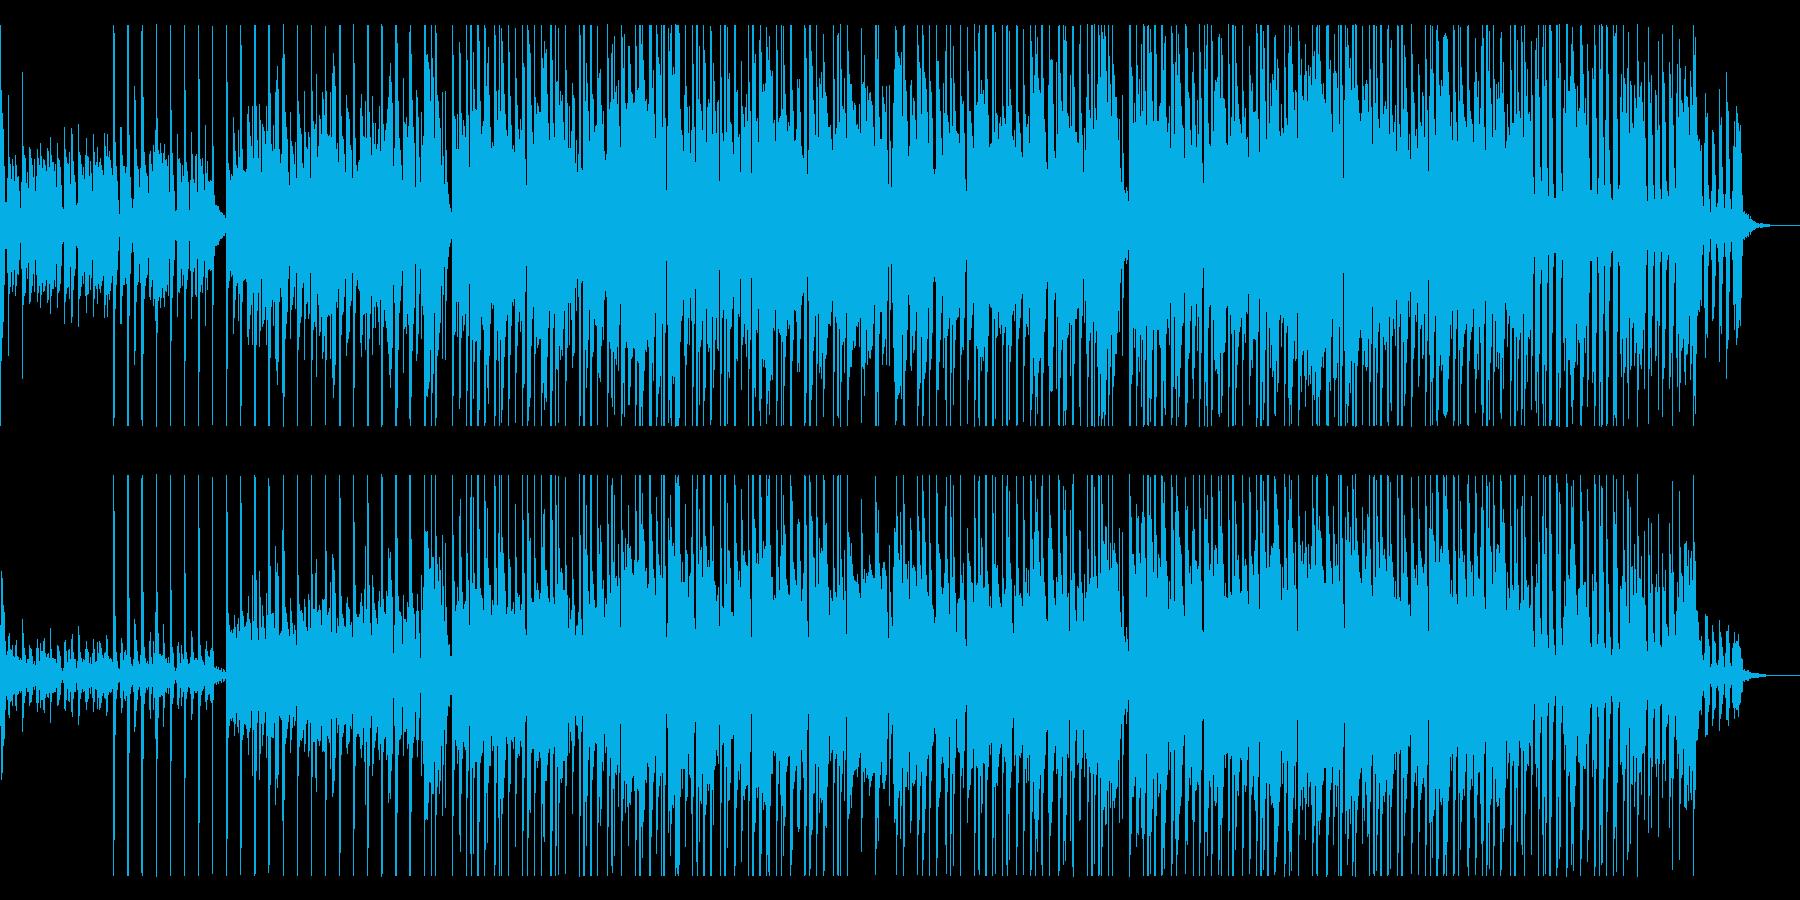 クールでリズミカルなジャズ風サウンドの再生済みの波形